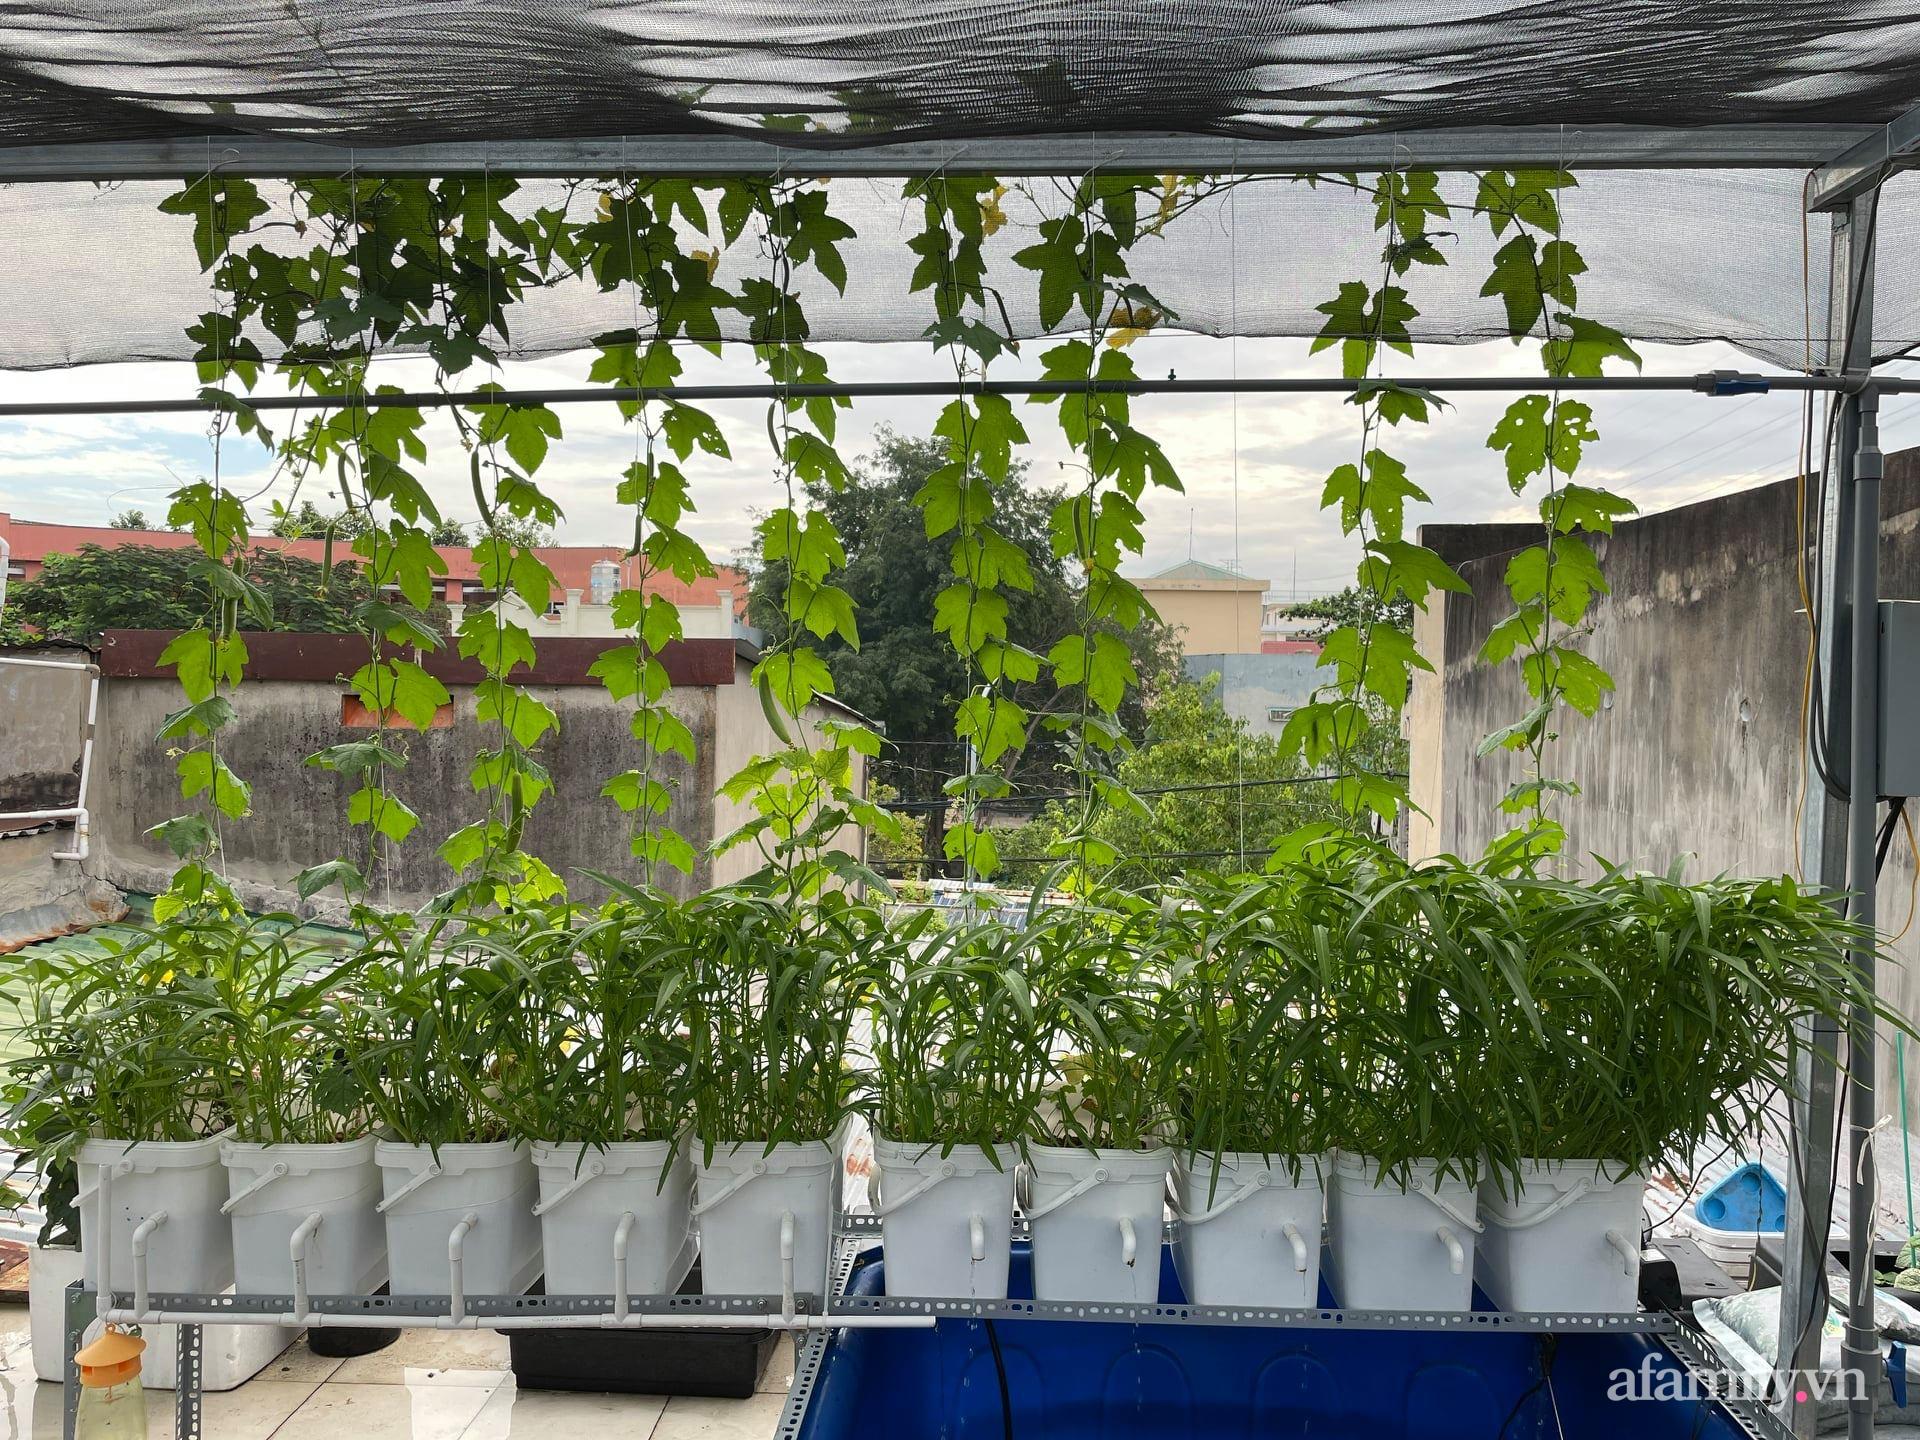 Sân thượng 100m² trồng rau nuôi cá với tổng chi phí đầu tư 80 triệu đồng ở quận 12 Sài Gòn - Ảnh 4.